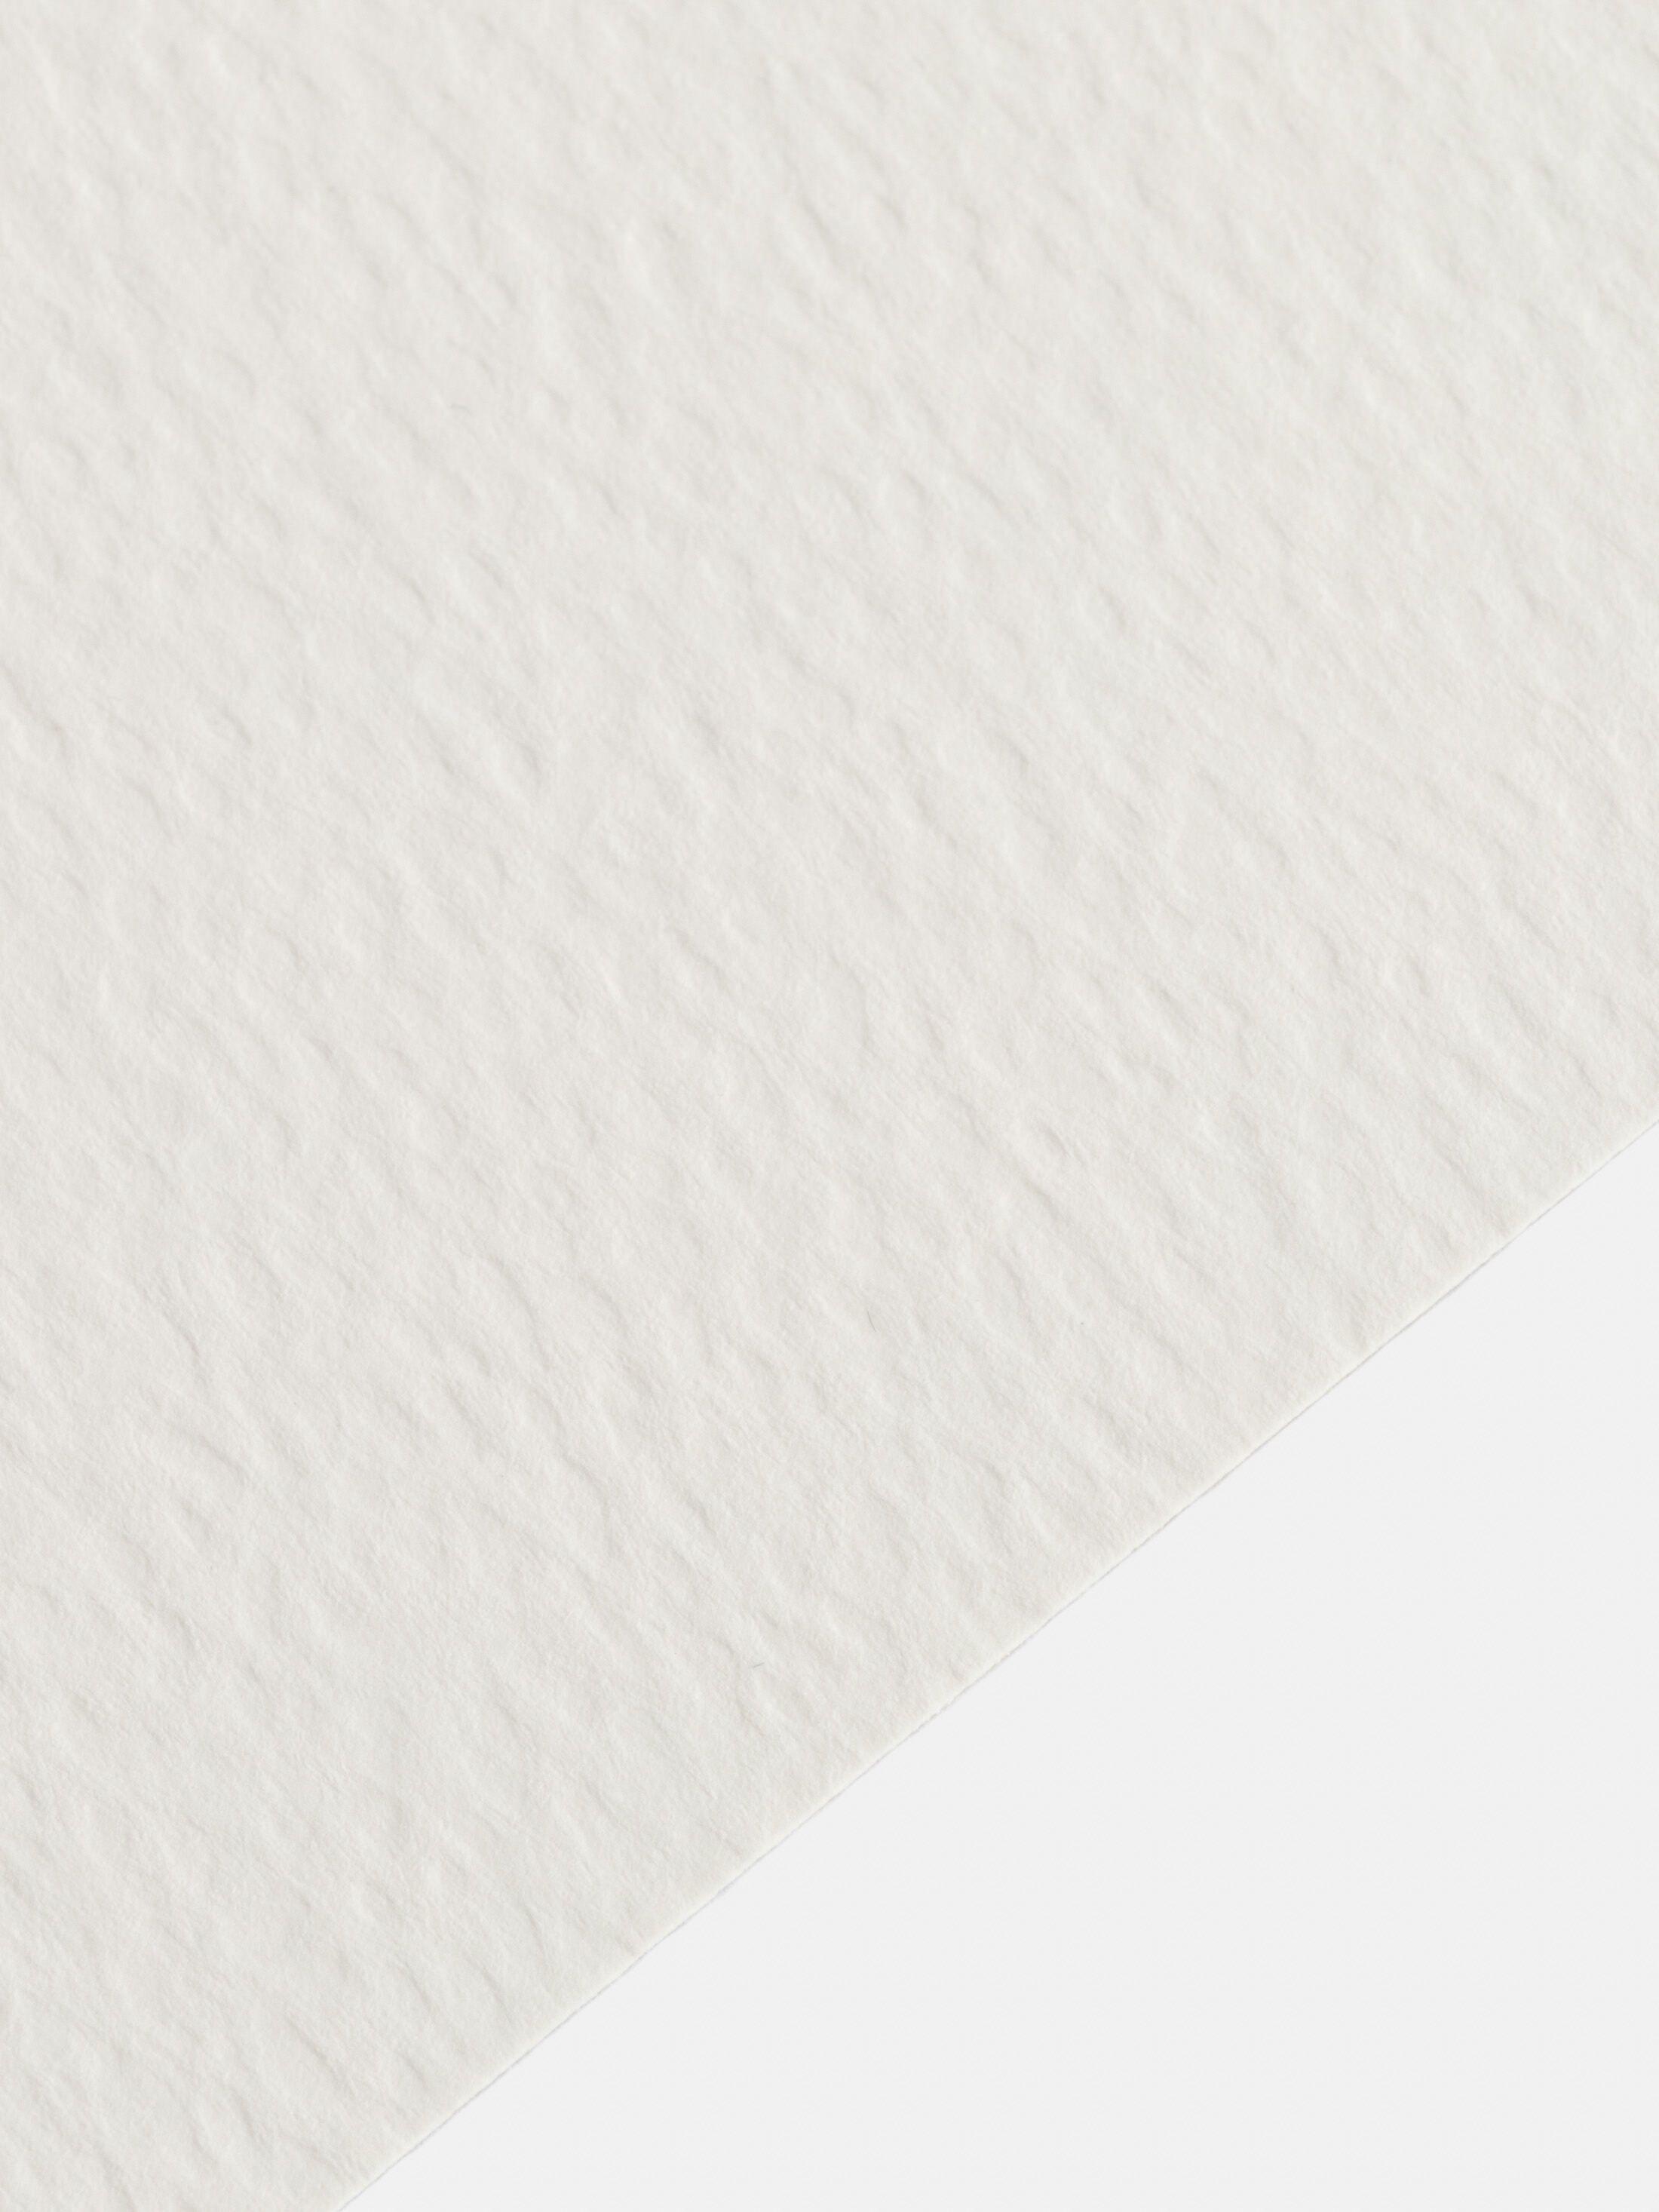 prints voor aan de muur textuur papier